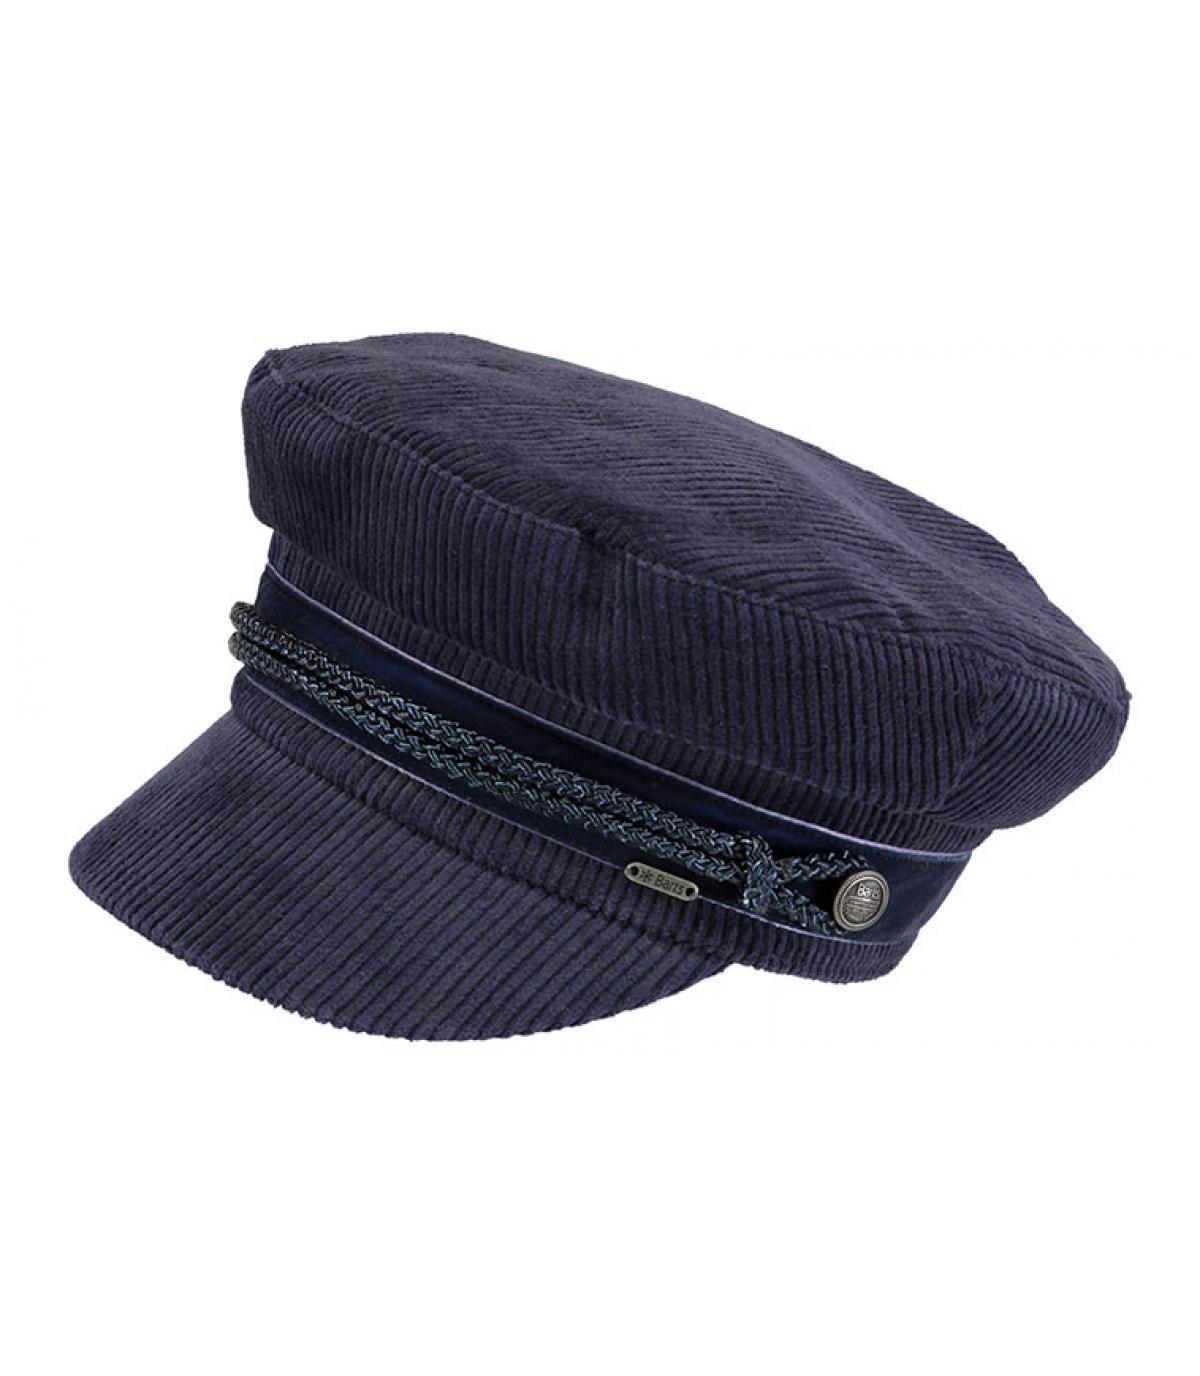 Barts blue sea cap